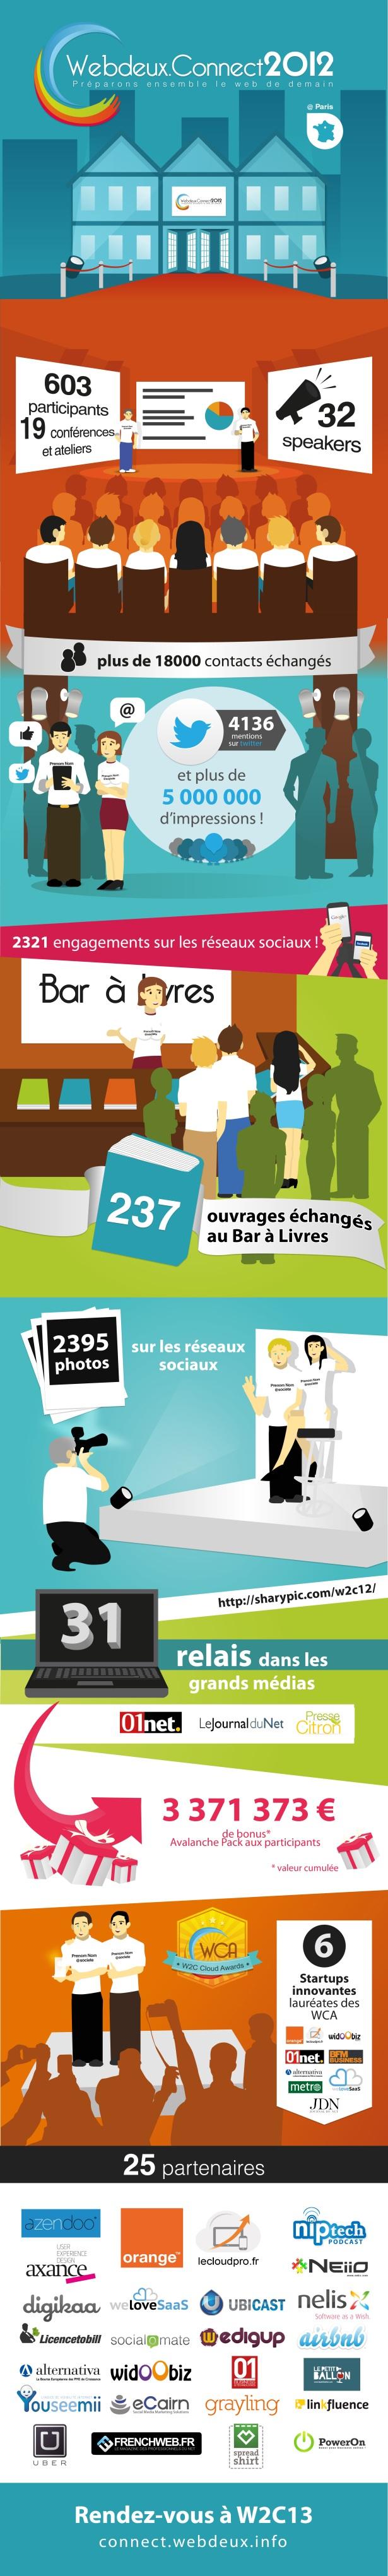 Infographie Webdeux.Connect 2012